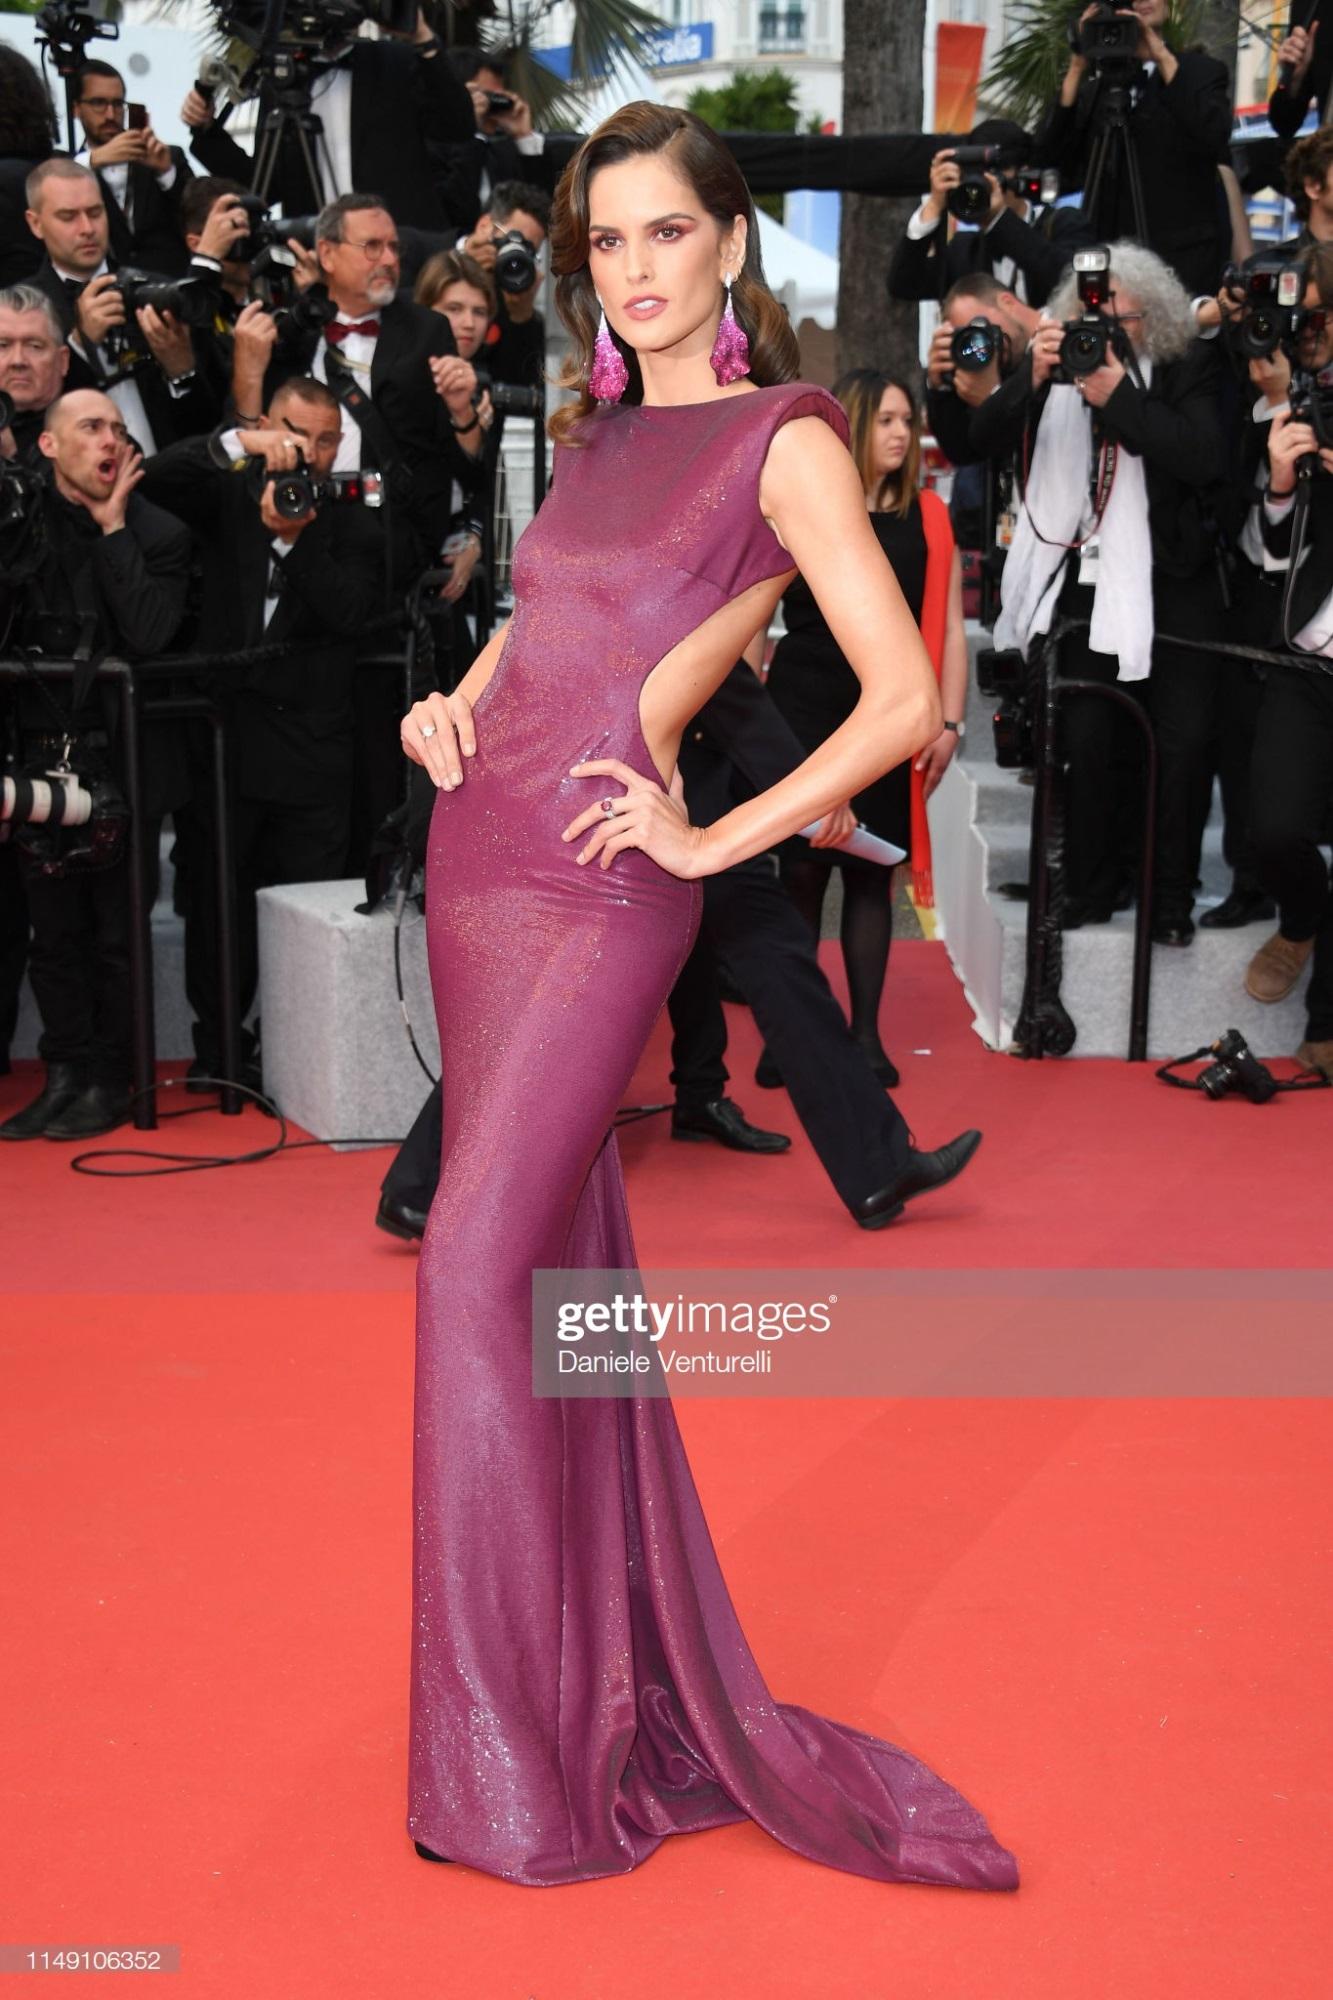 Không có Phạm Băng Băng, sao Hoa ngữ bị lấn át tại thảm đỏ Cannes 2019 - Ảnh 20